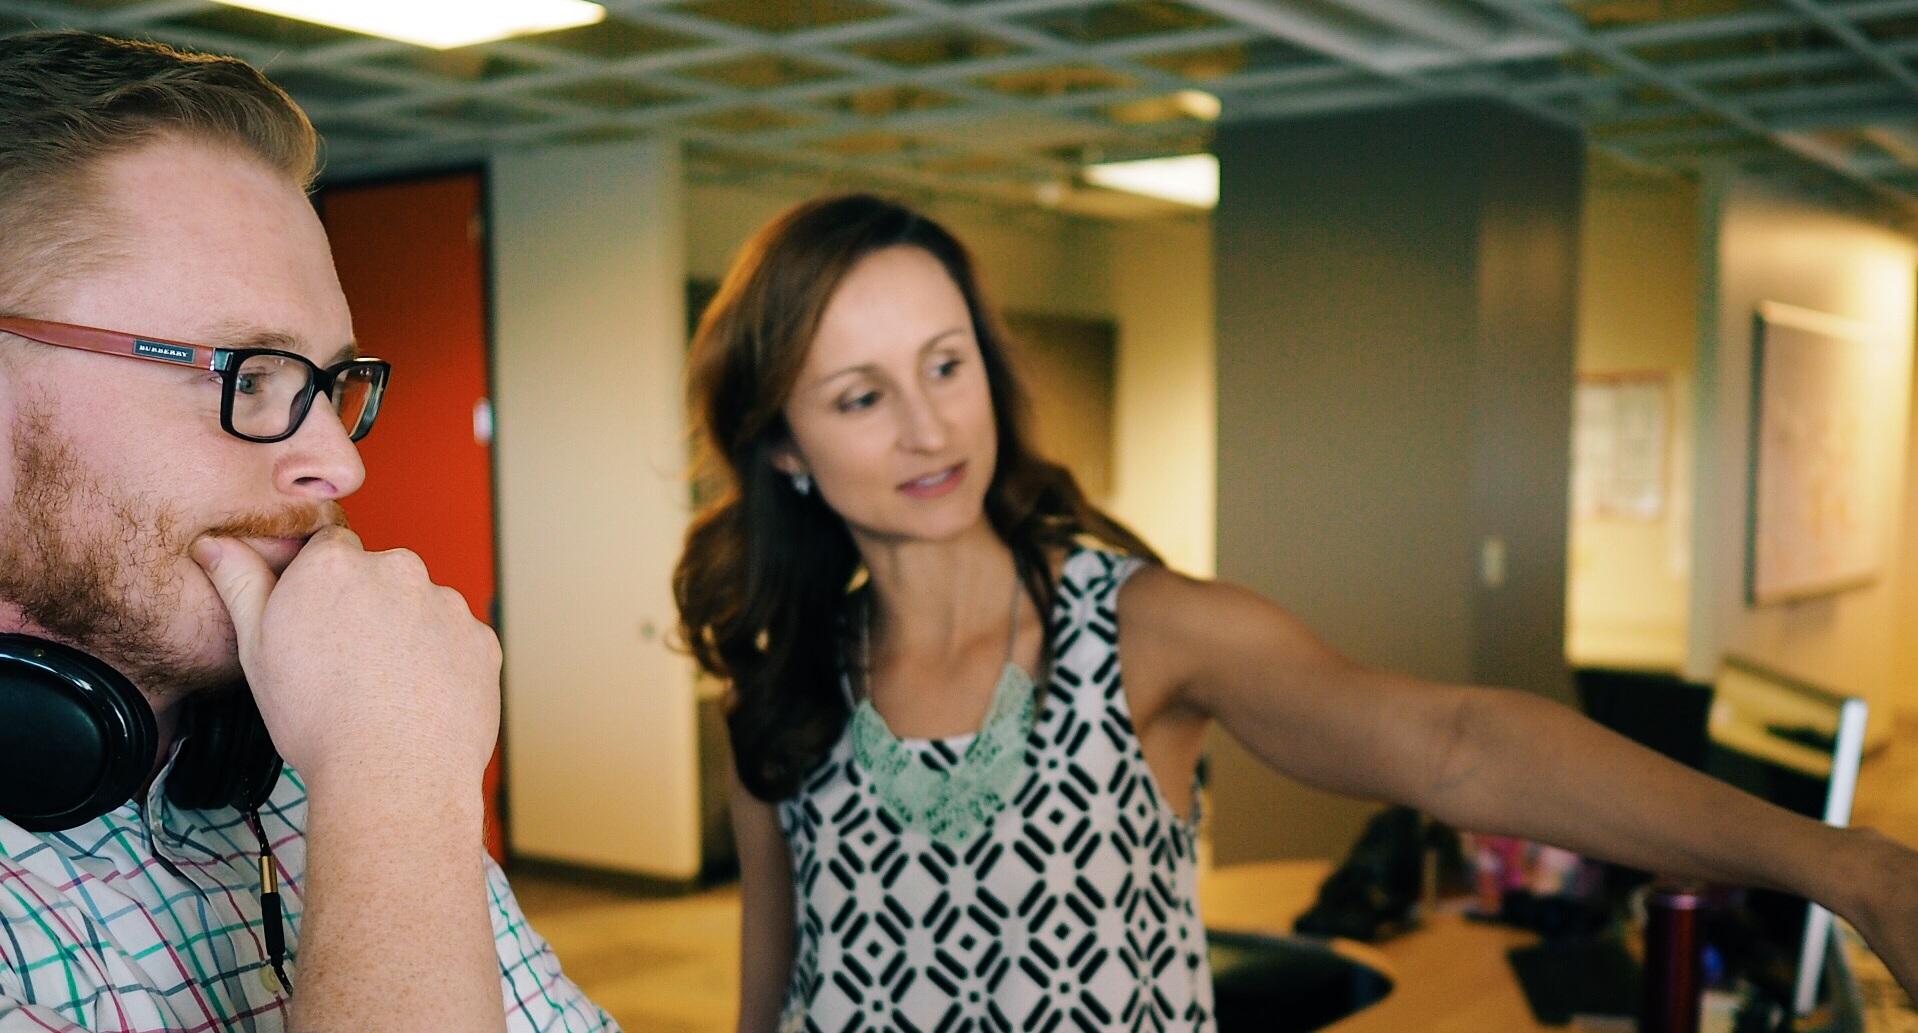 Charlie+and+Lindsey+UX+design.jpg